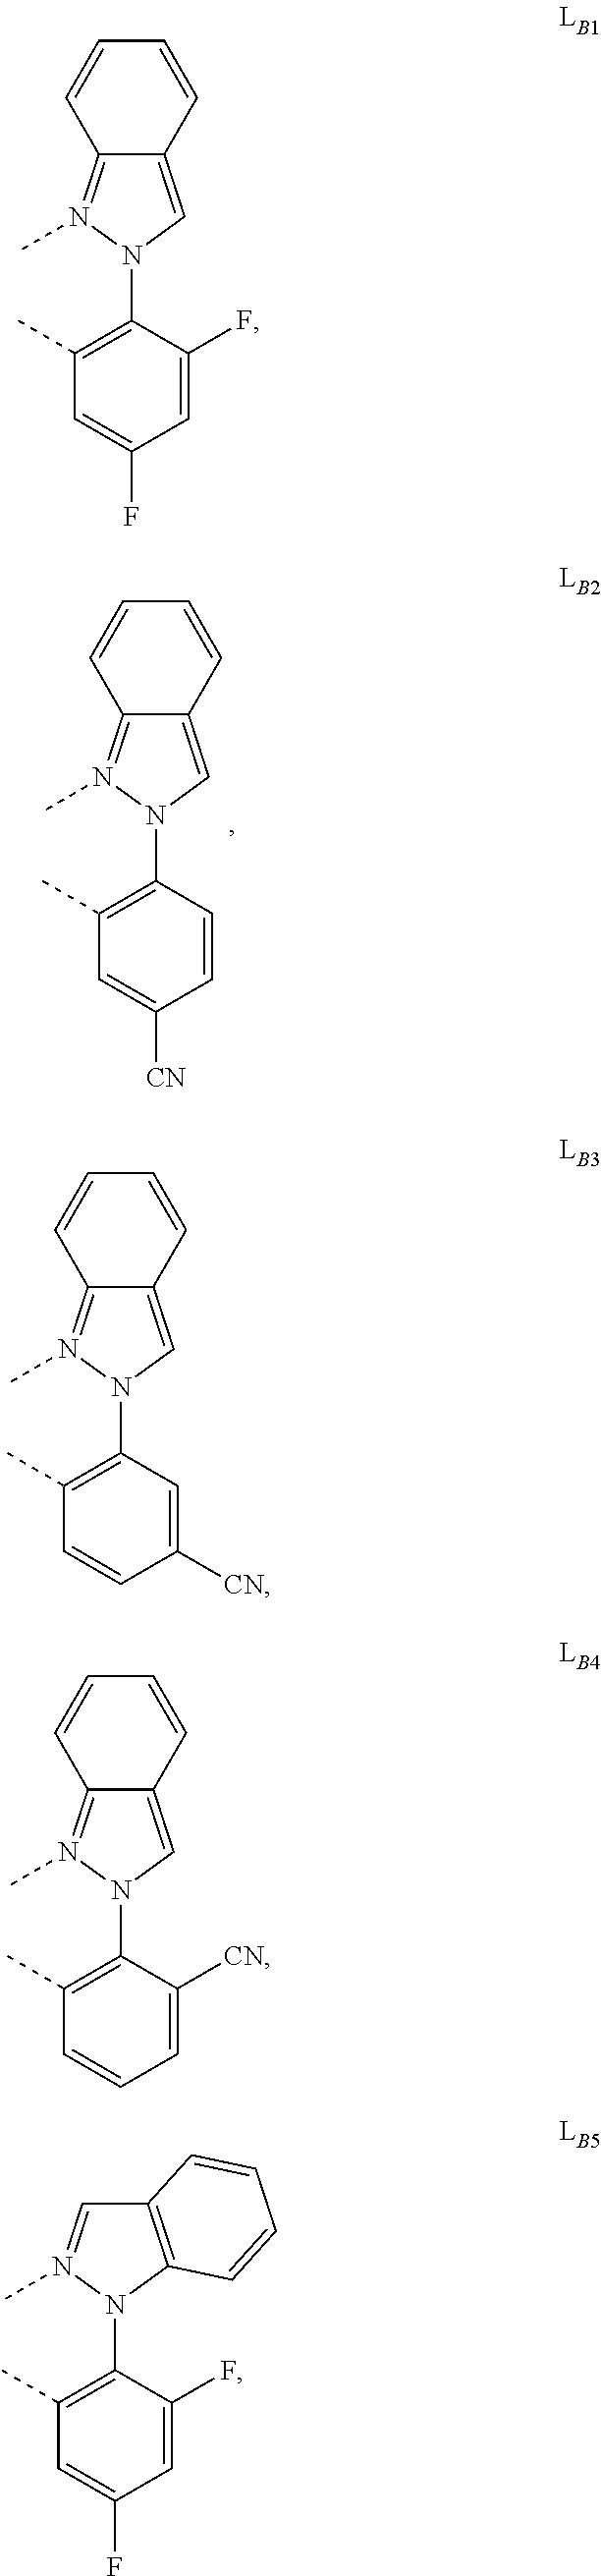 Figure US09905785-20180227-C00498